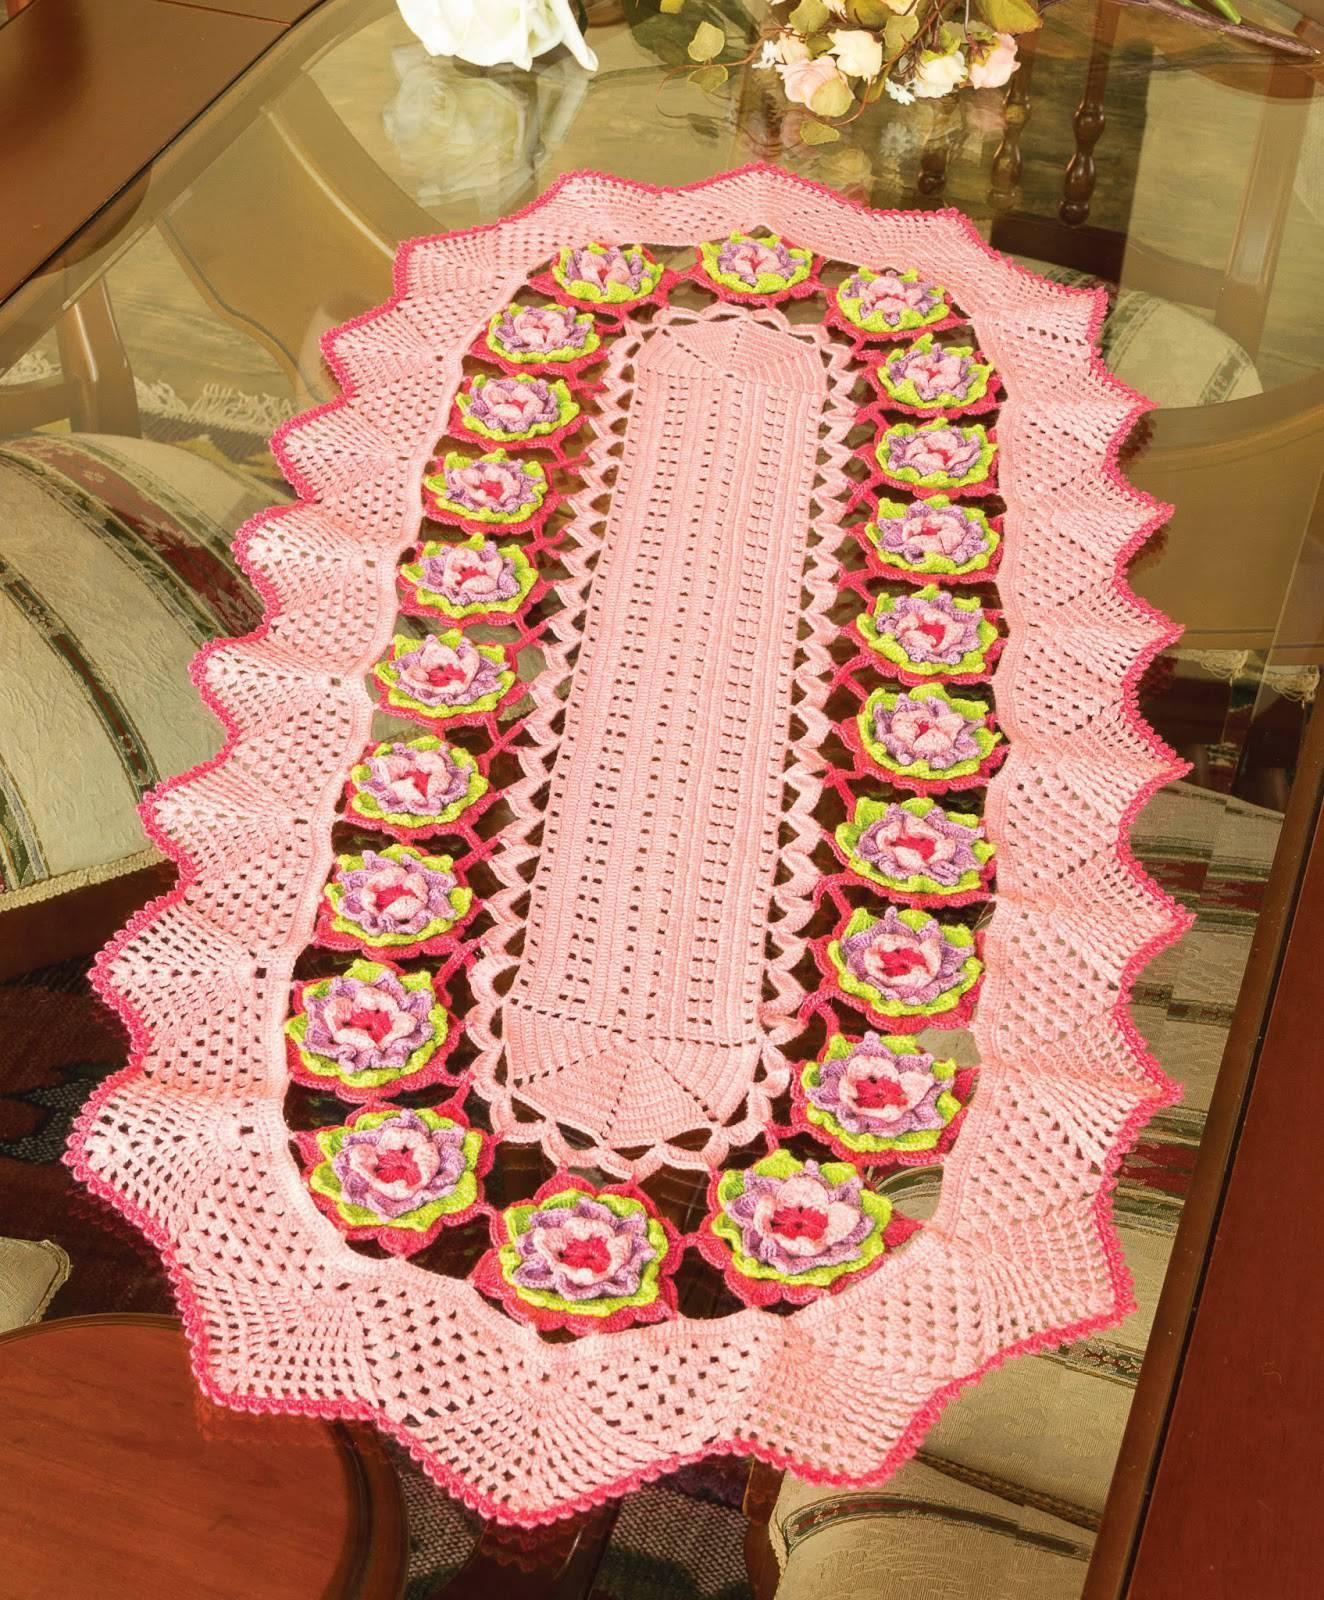 Pink crochet table runner